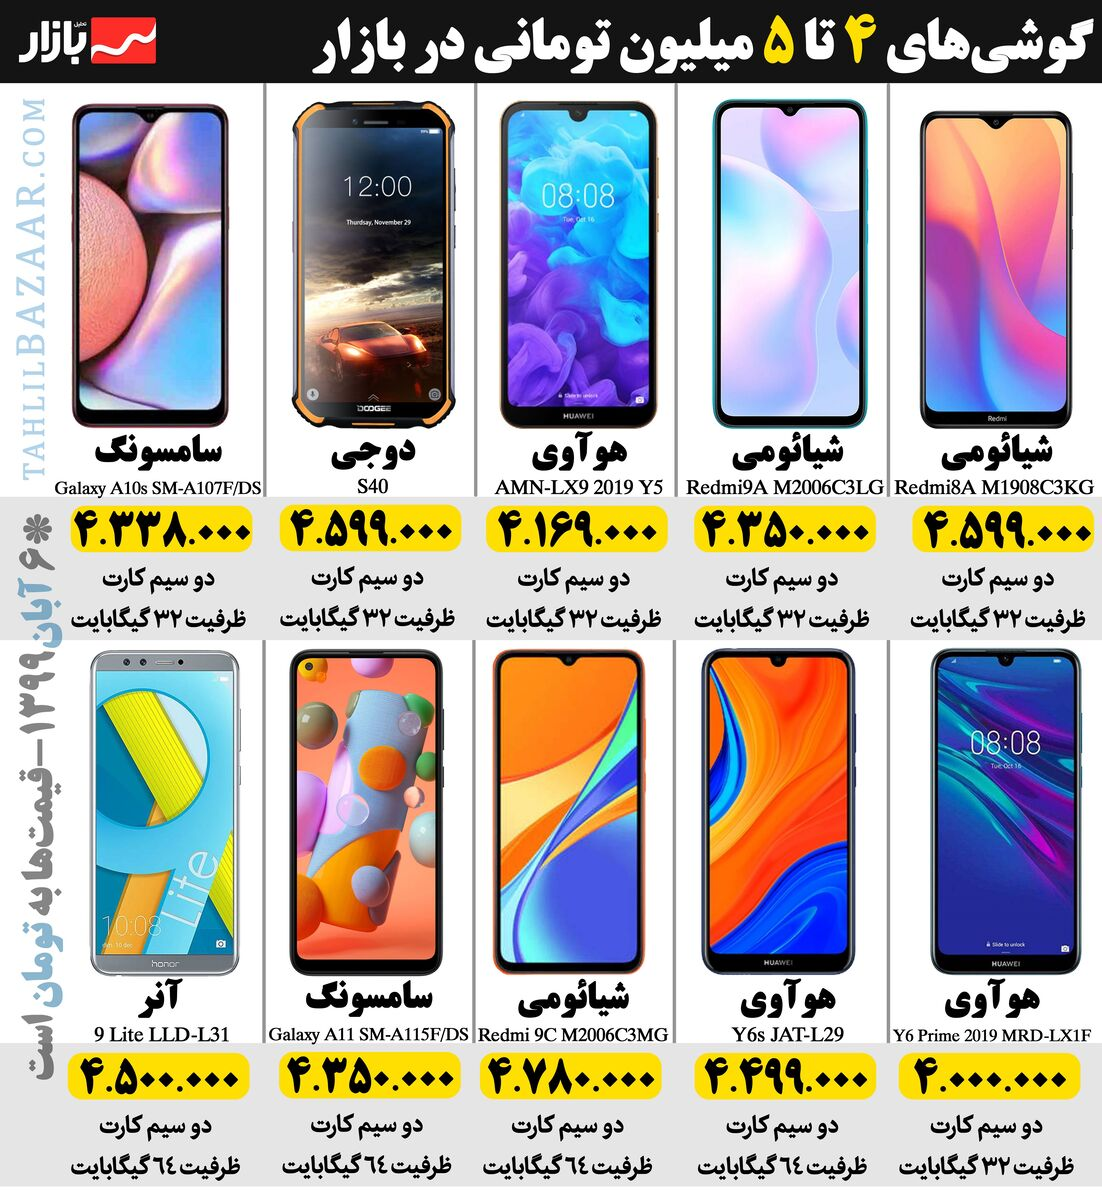 گوشیهای 4 تا 5 میلیون تومانی در بازار